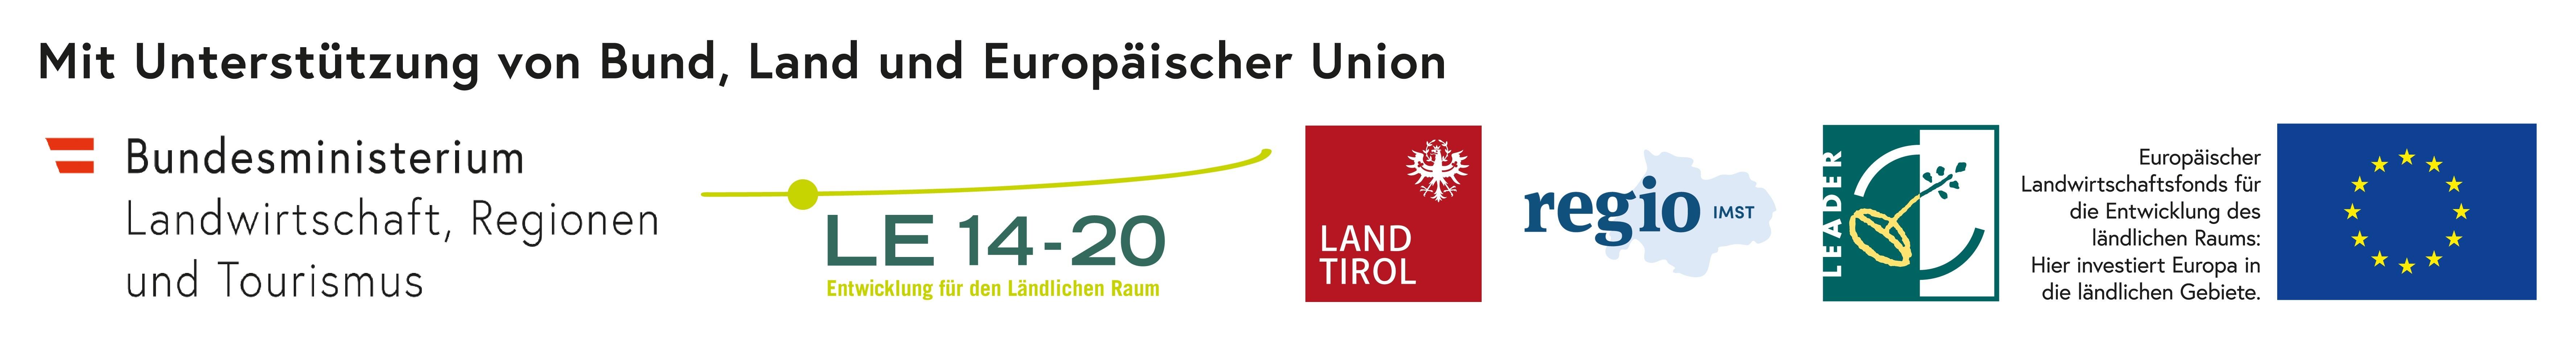 Ötztal_Logo_Agrar 200220